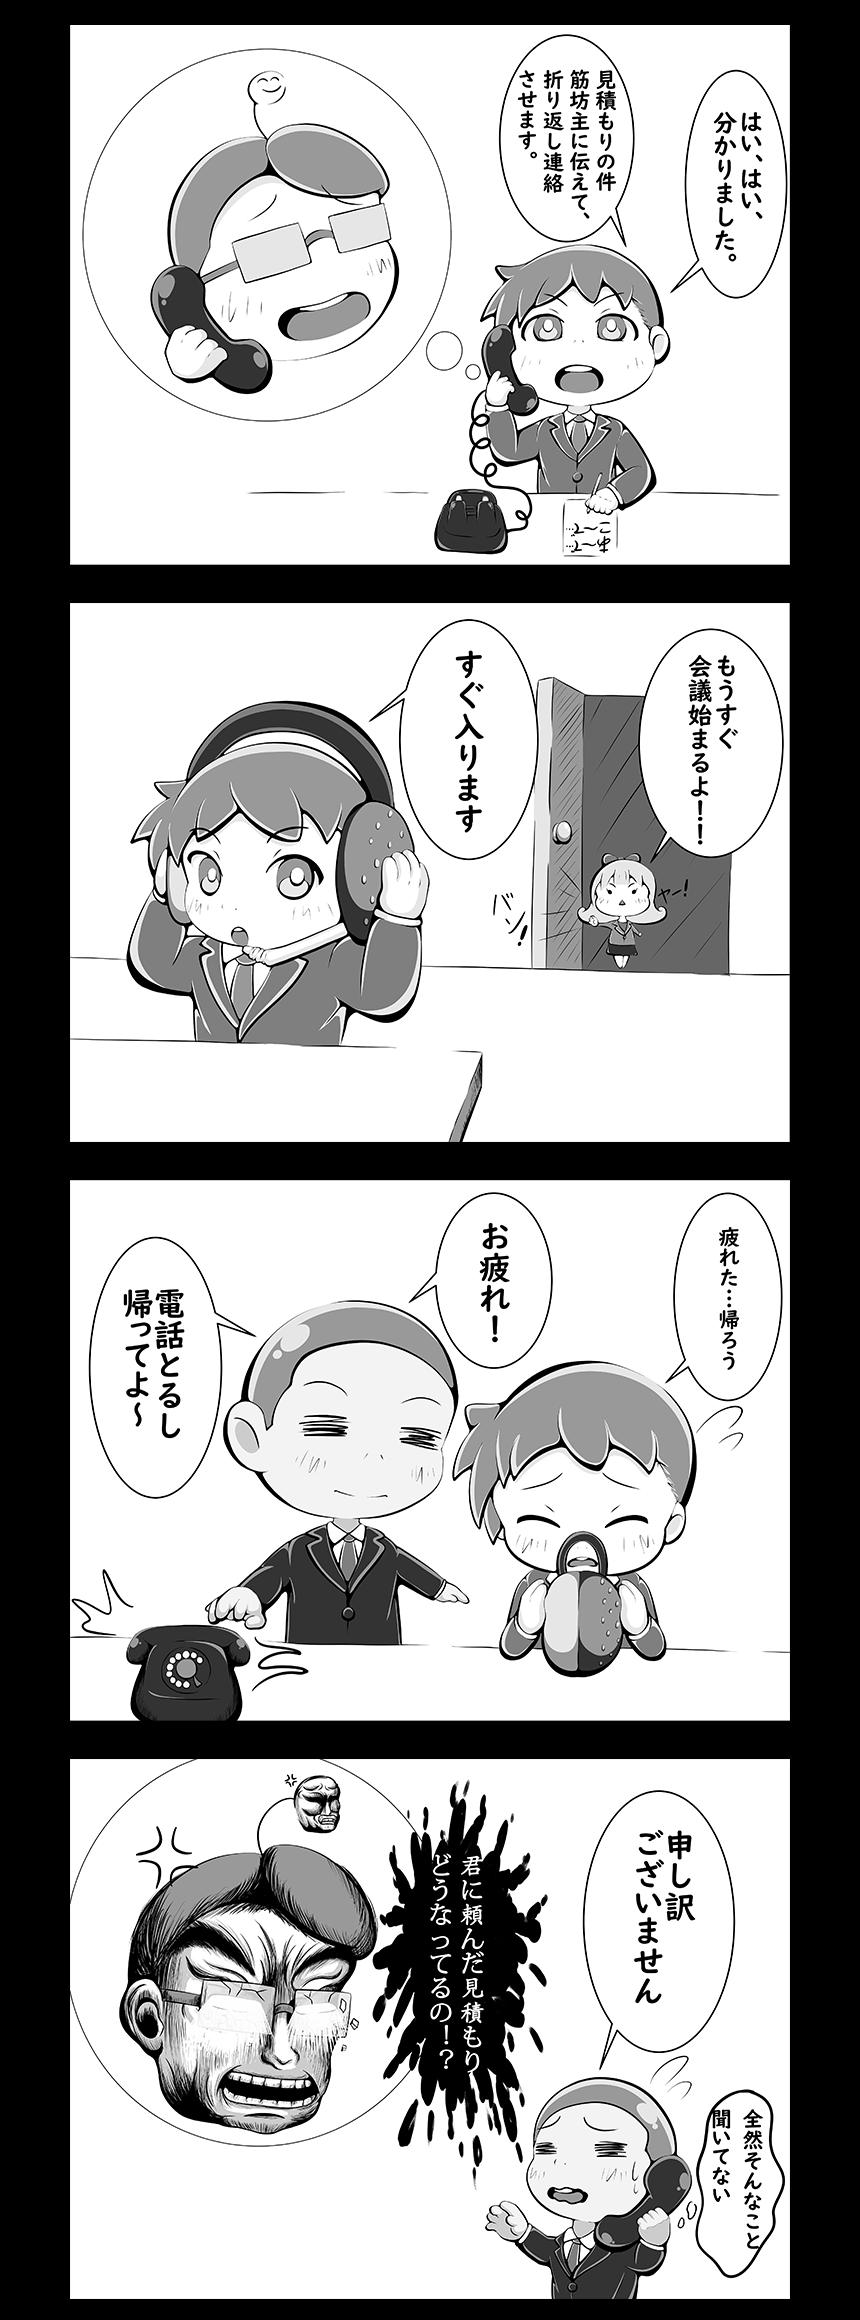 電話伝達ミス4kコマ漫画